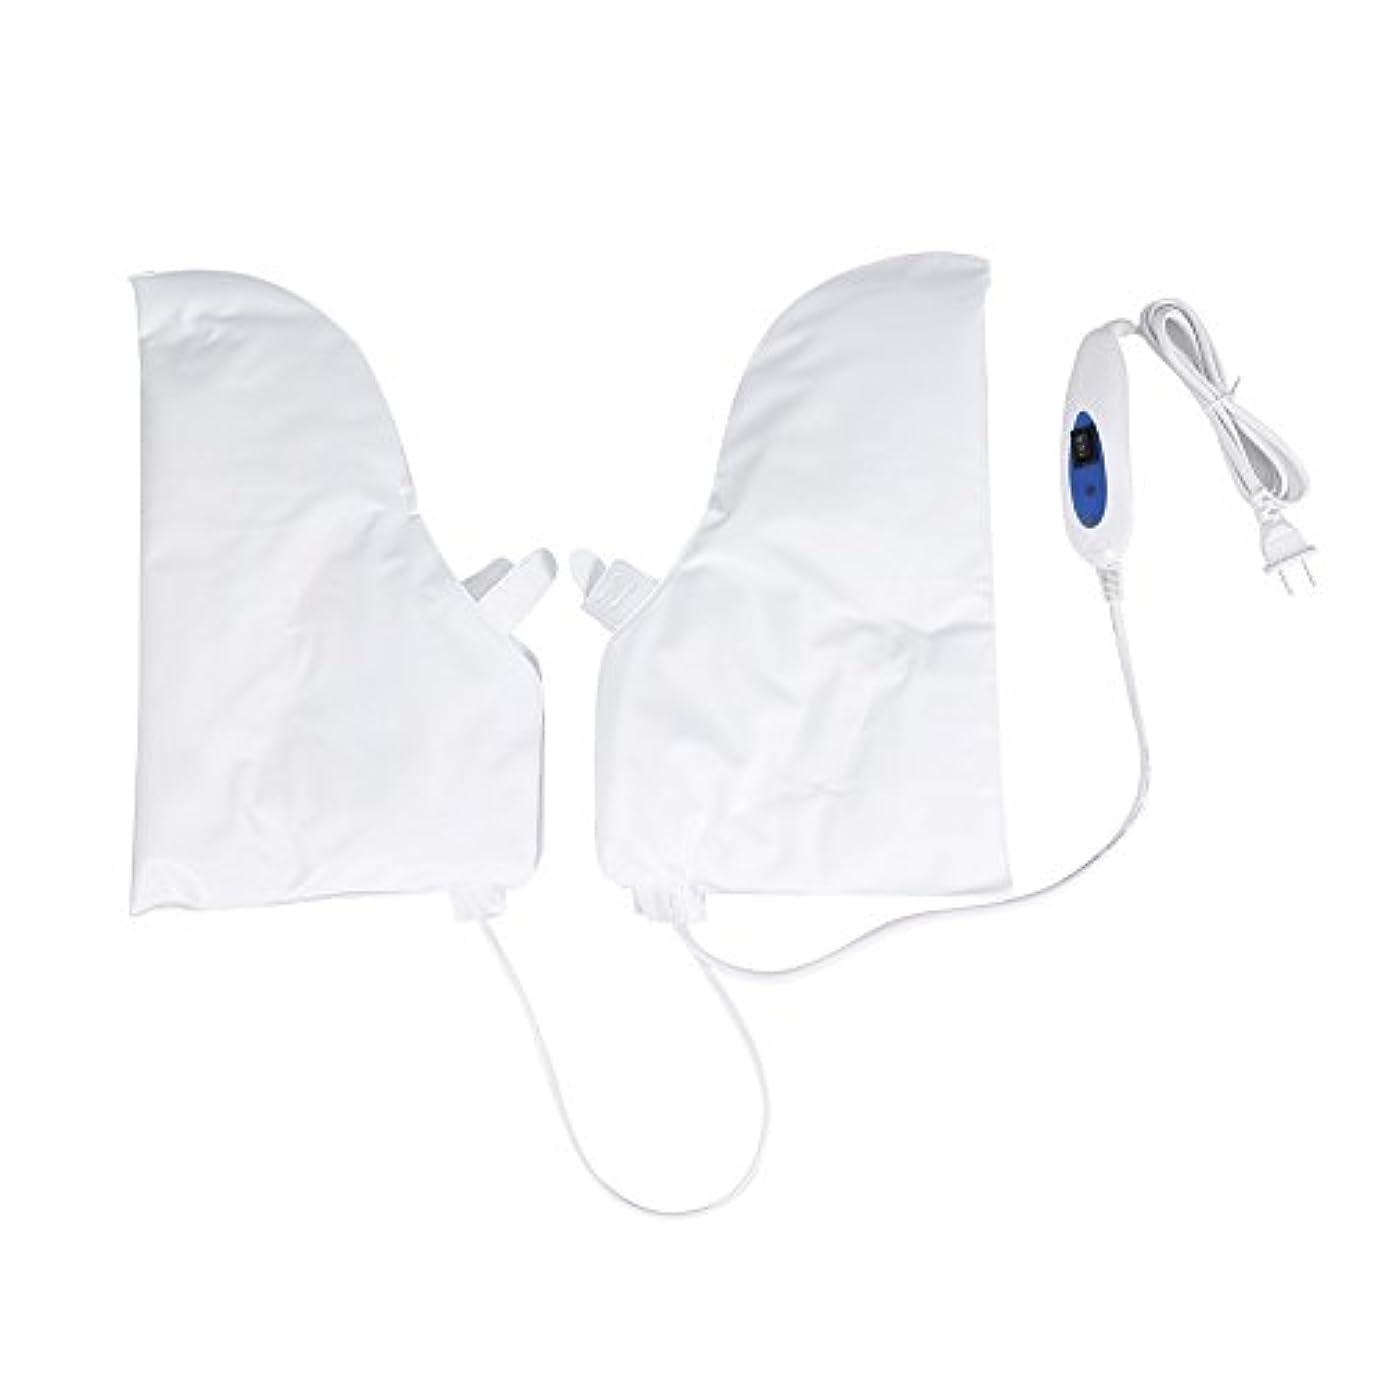 マルコポーロライフル自分のためにハンドケア フットカバー 2 in 1 蒸し手袋 うるおい 保湿 保護 乾燥対策 手荒れ対策 補水 保湿 美白 しっとり 美容 手袋 加熱式 電熱手袋